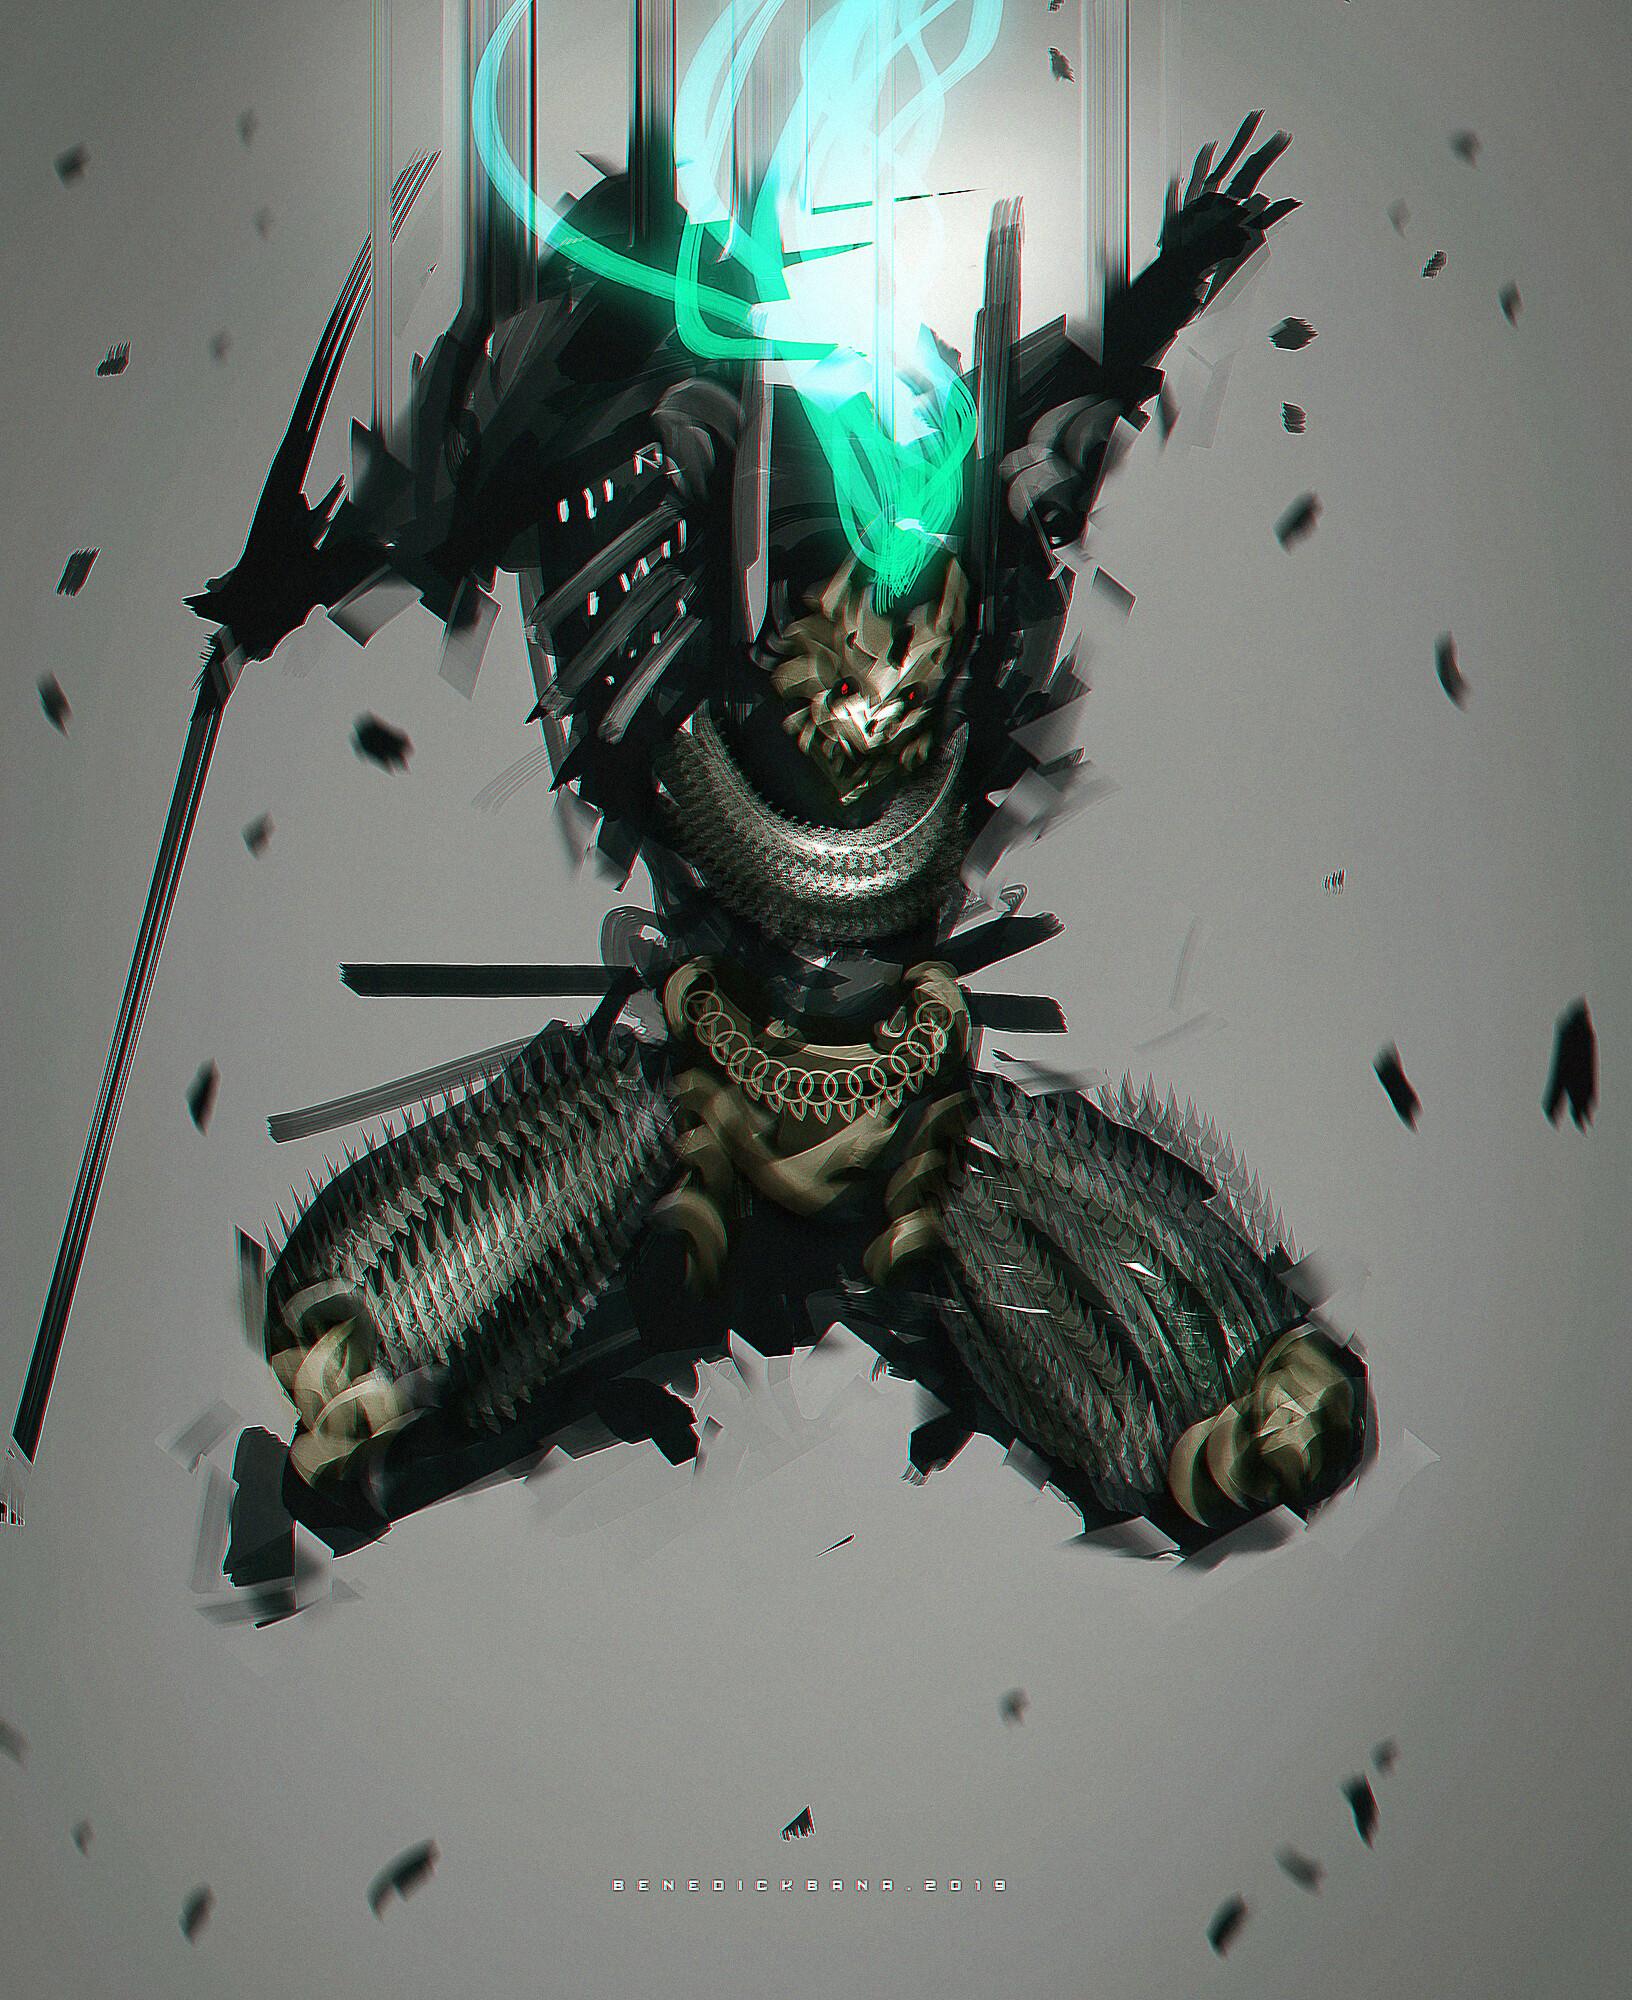 Neon Ninja